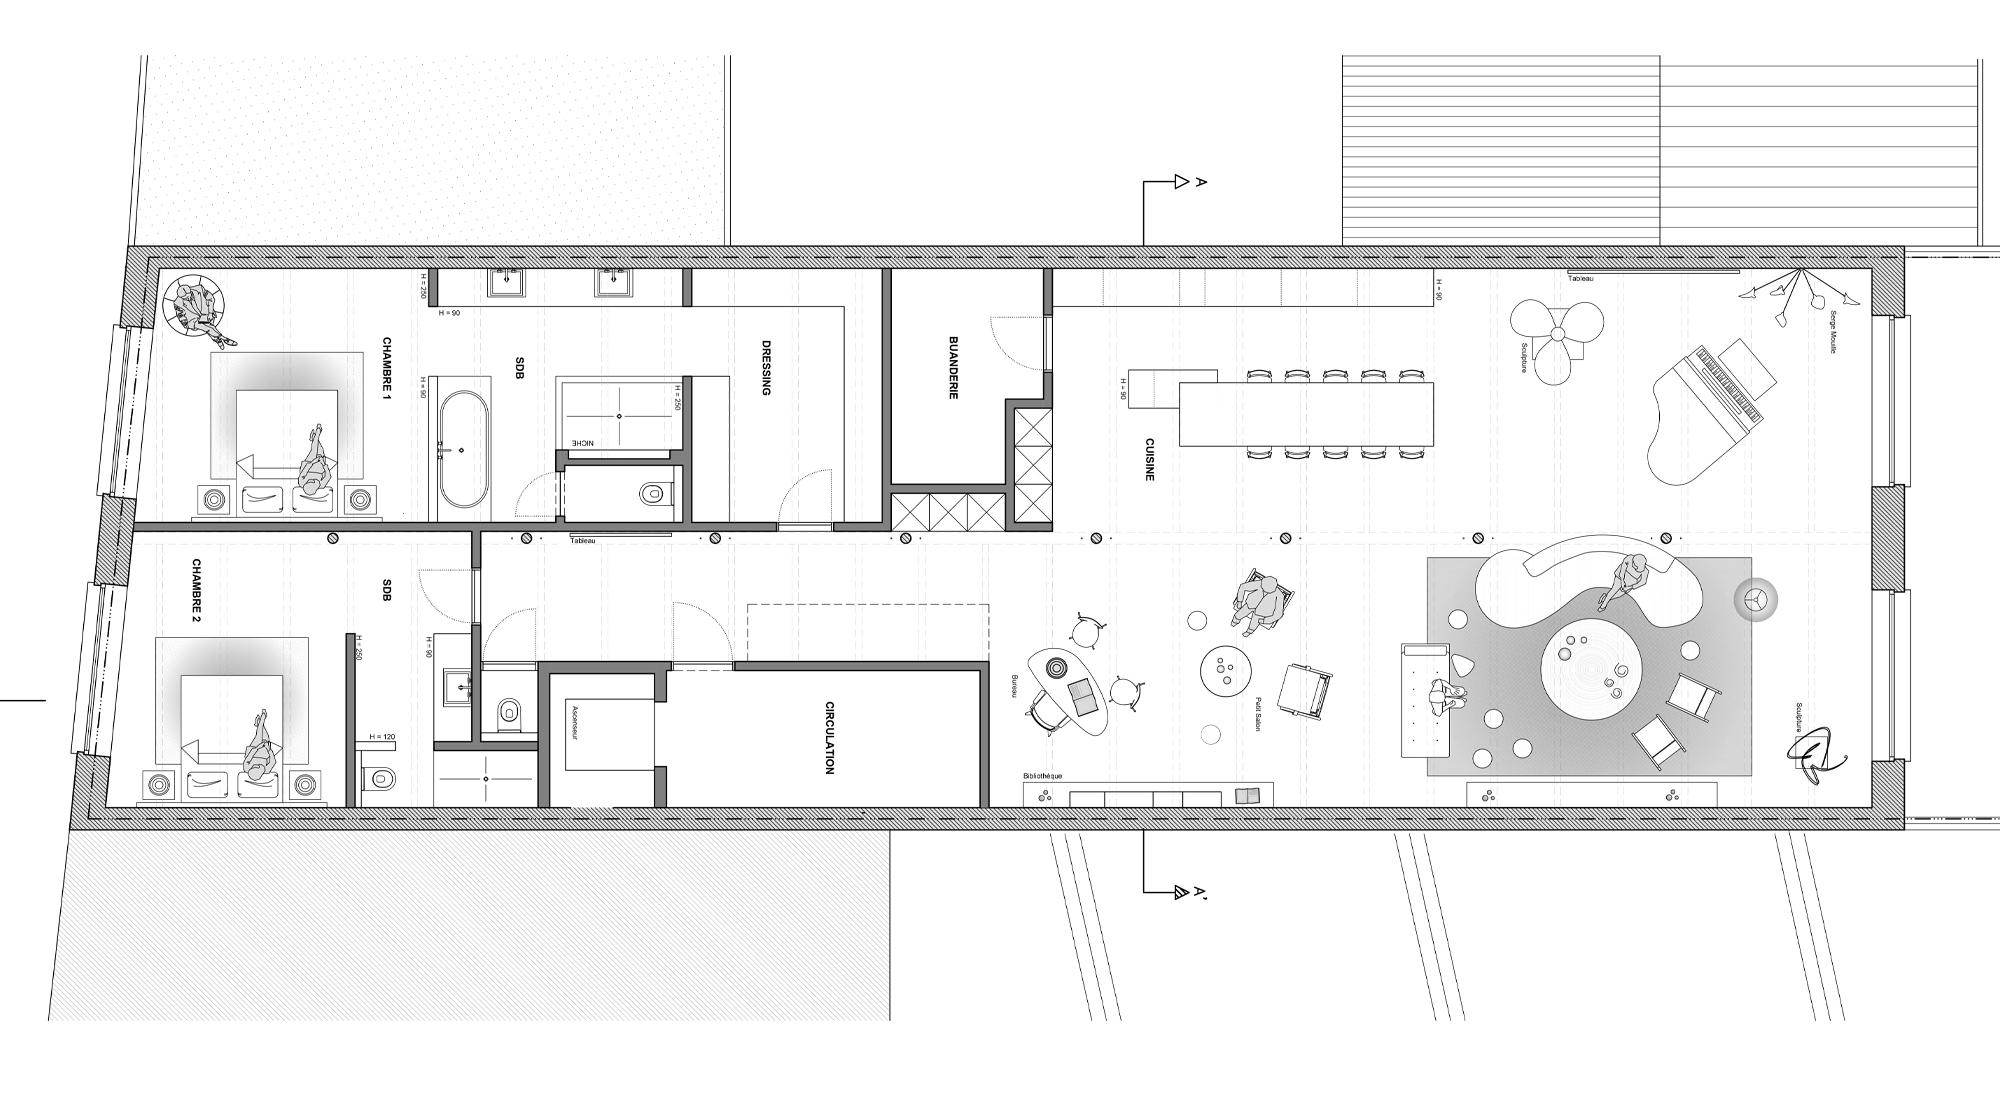 workflow-step-01a-2000x1120